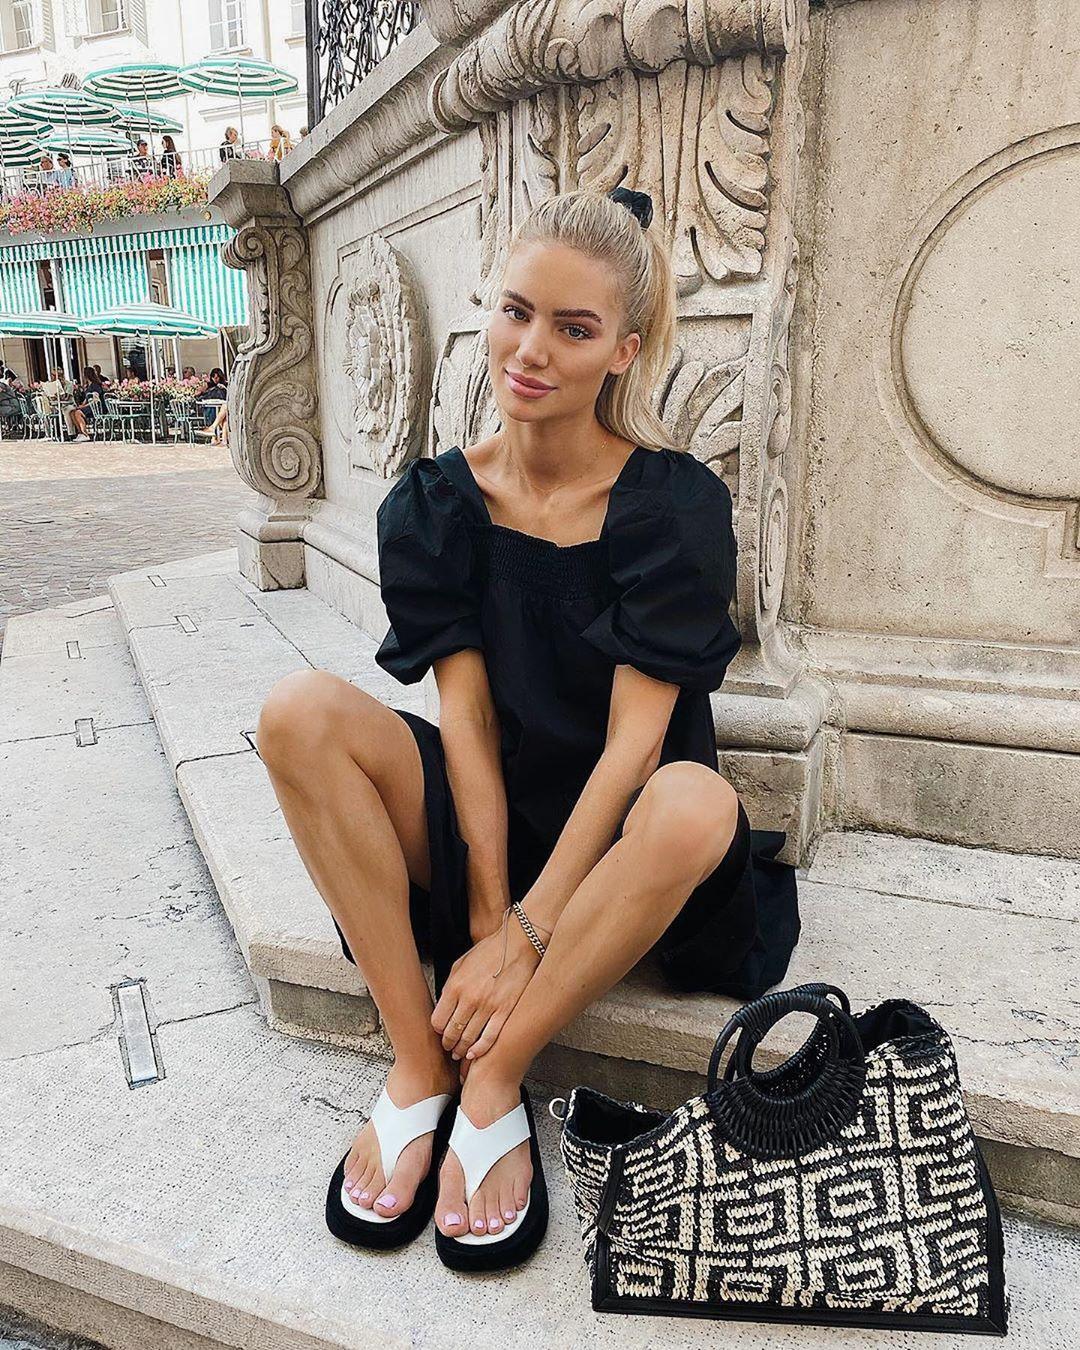 Cô gái mặc váy đen mang dép nữ xỏ ngón màu trắng